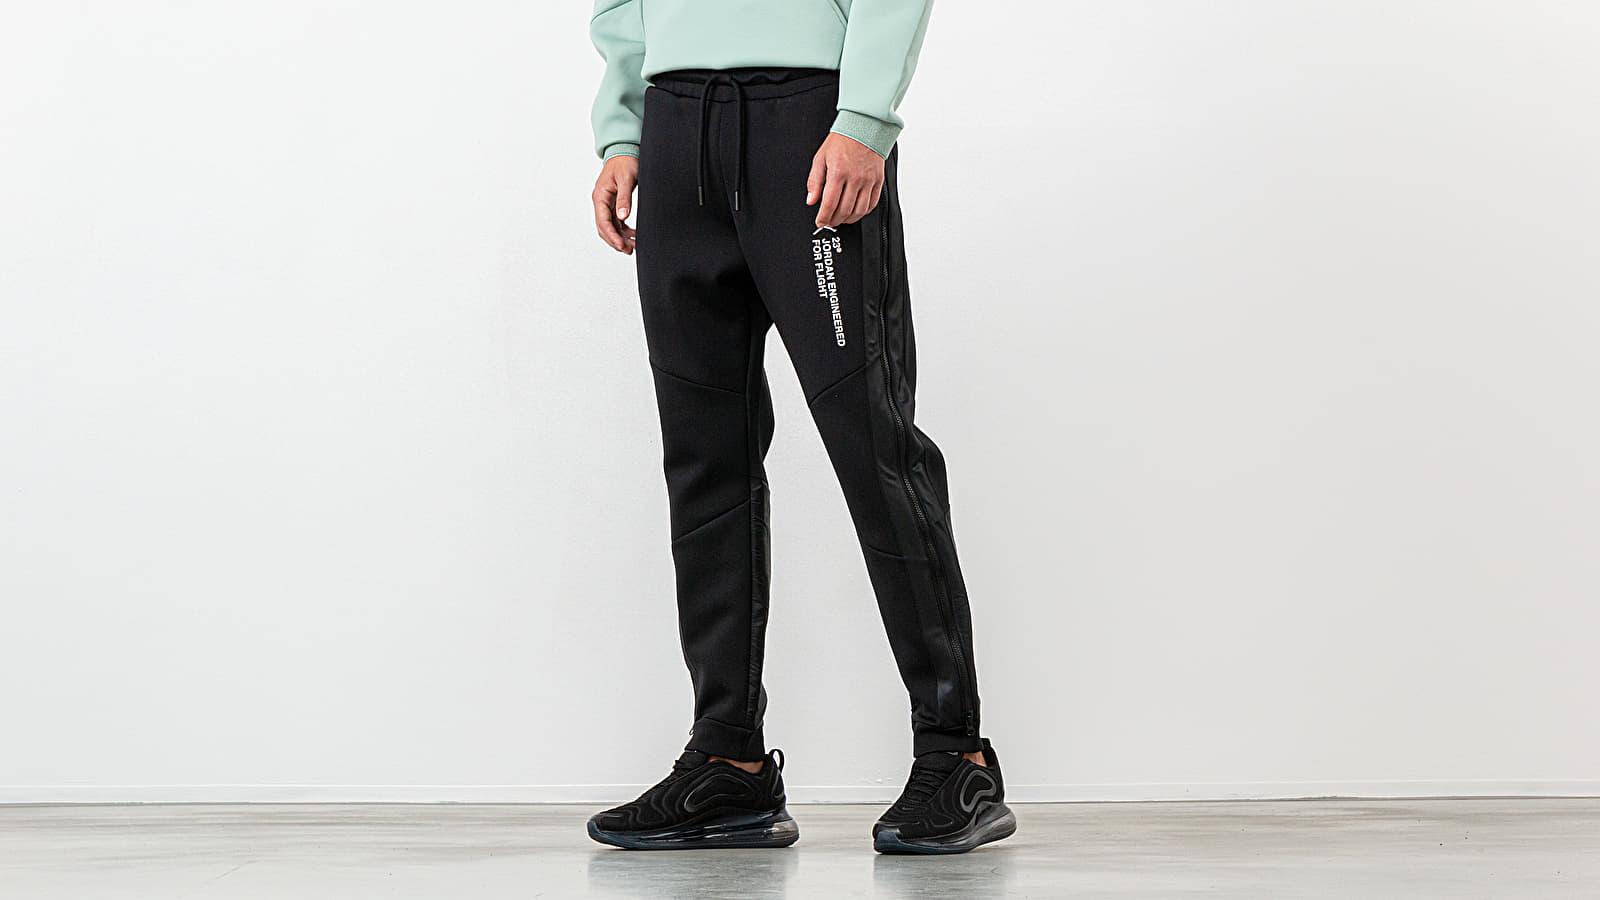 Jordan 3 Engineered Pants